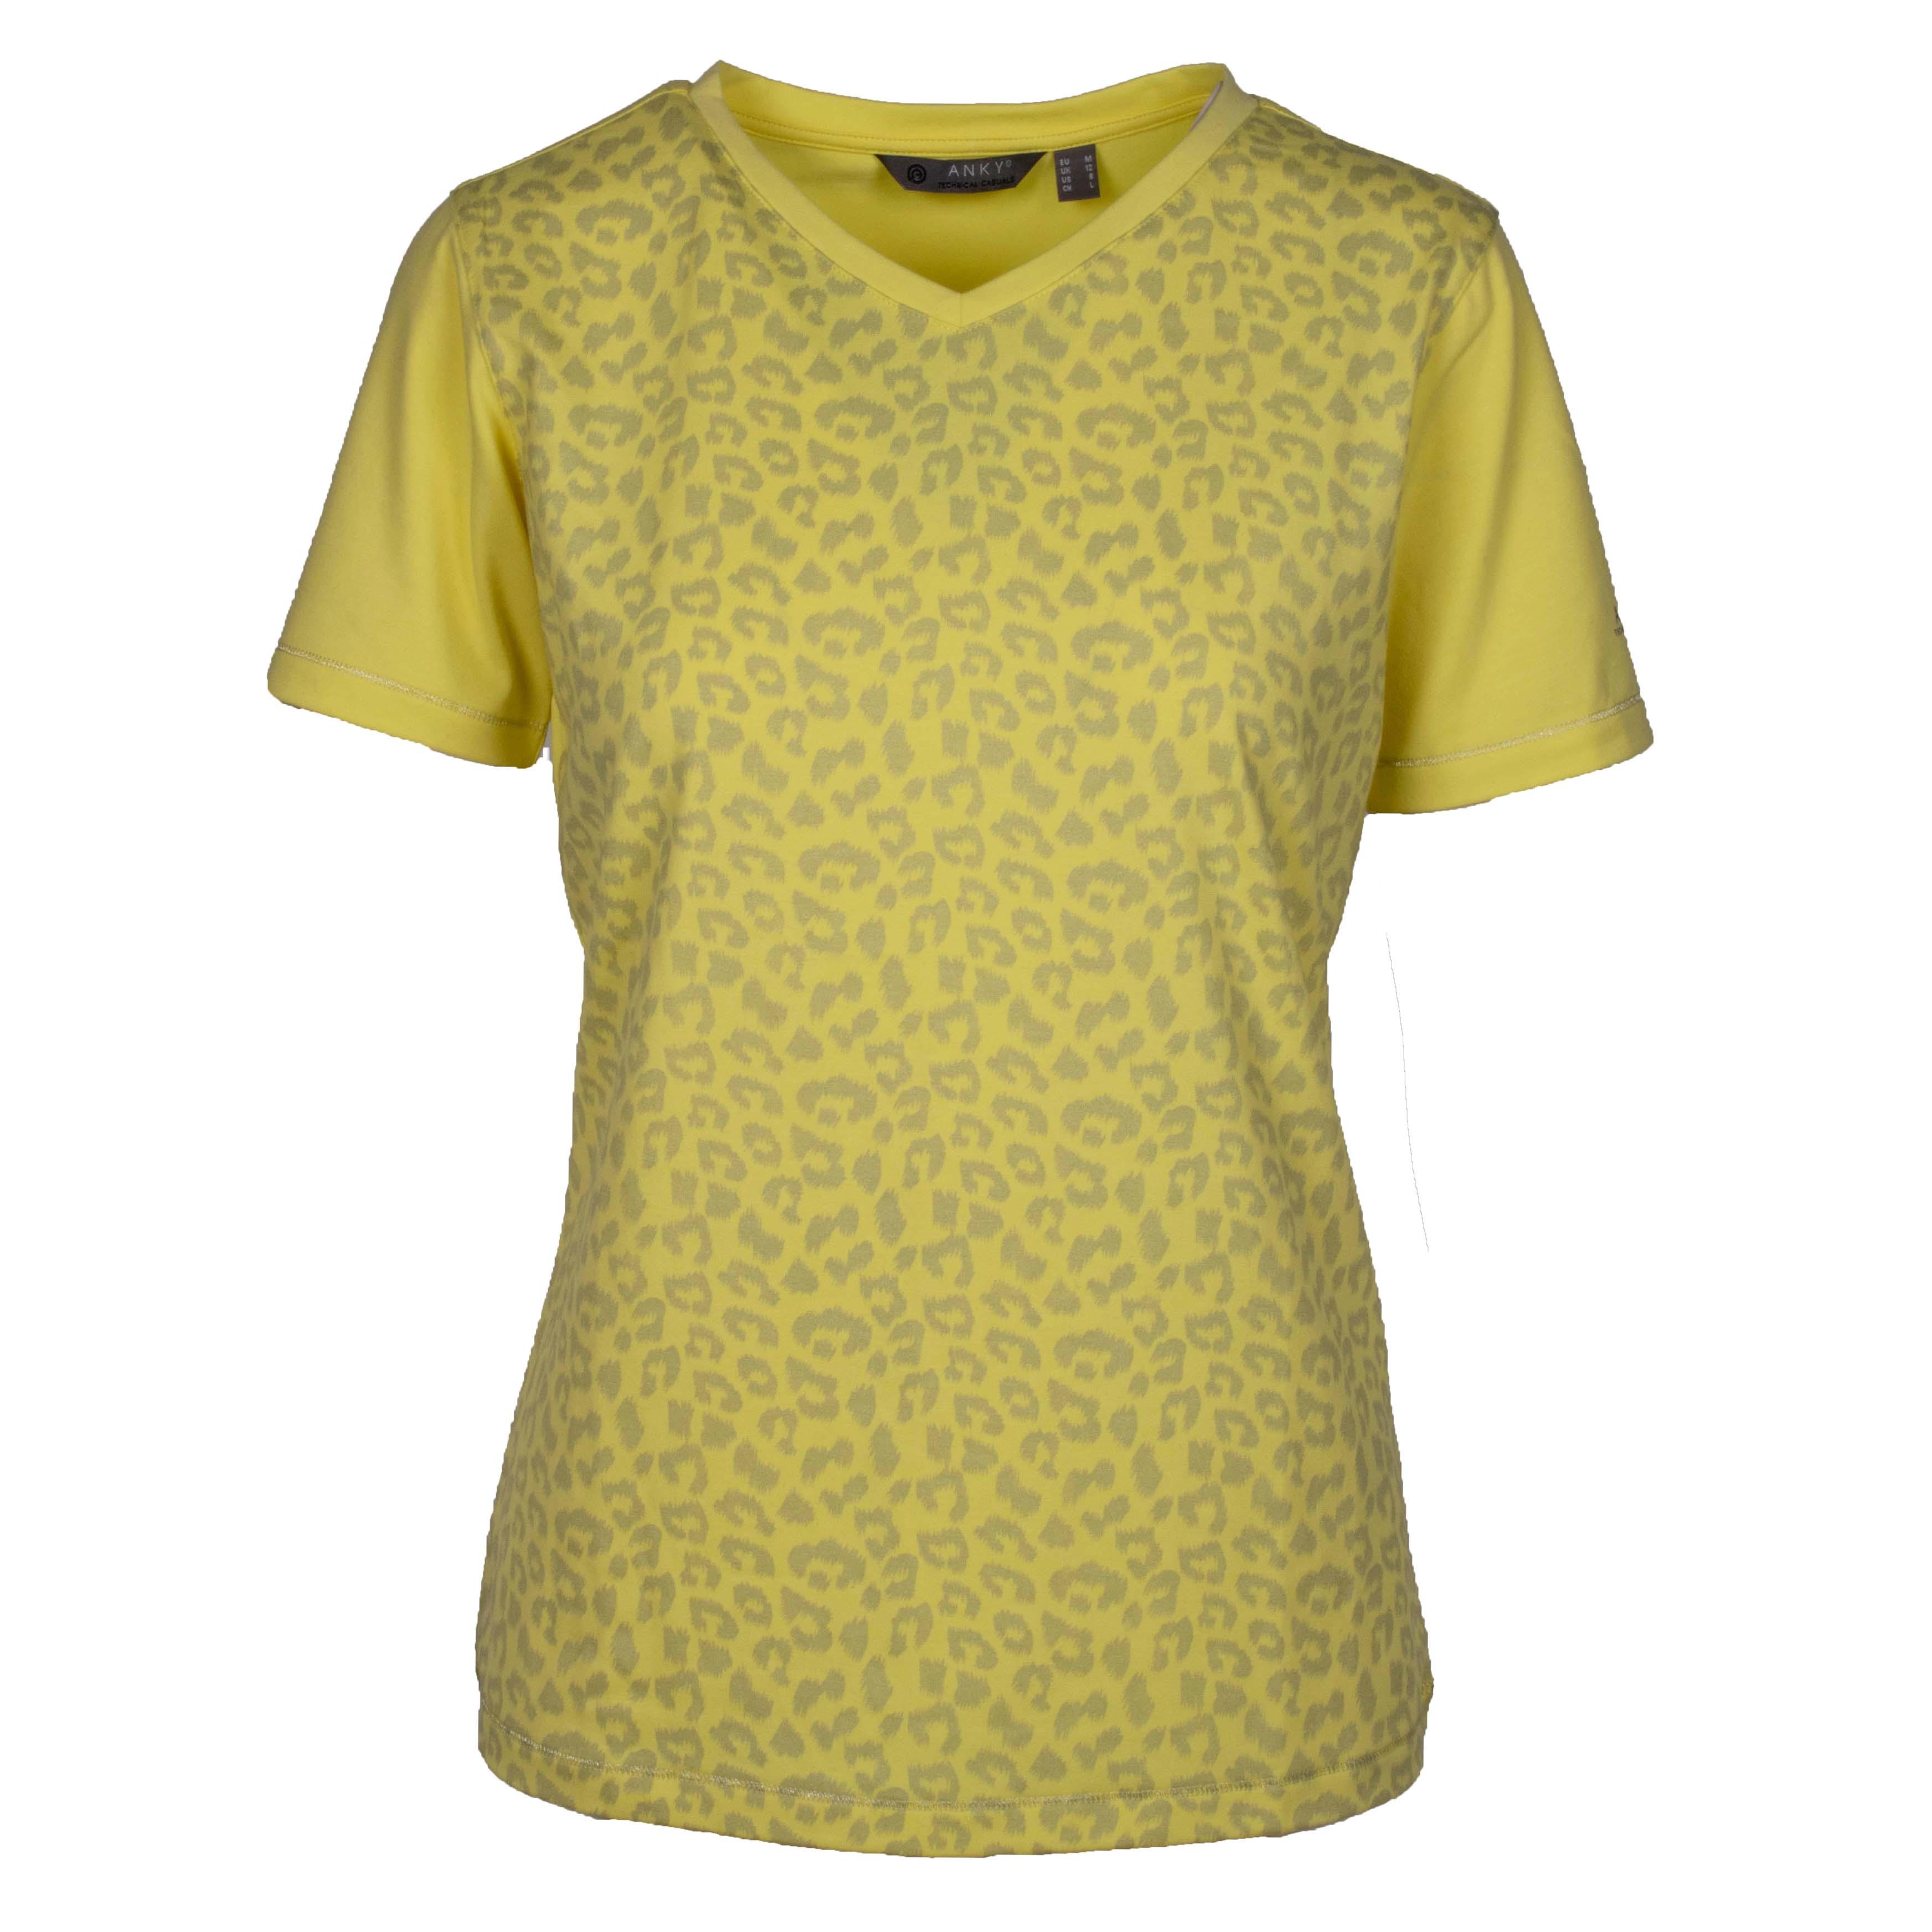 ANKY T-Shirt Printed ATC211301 geel maat:m